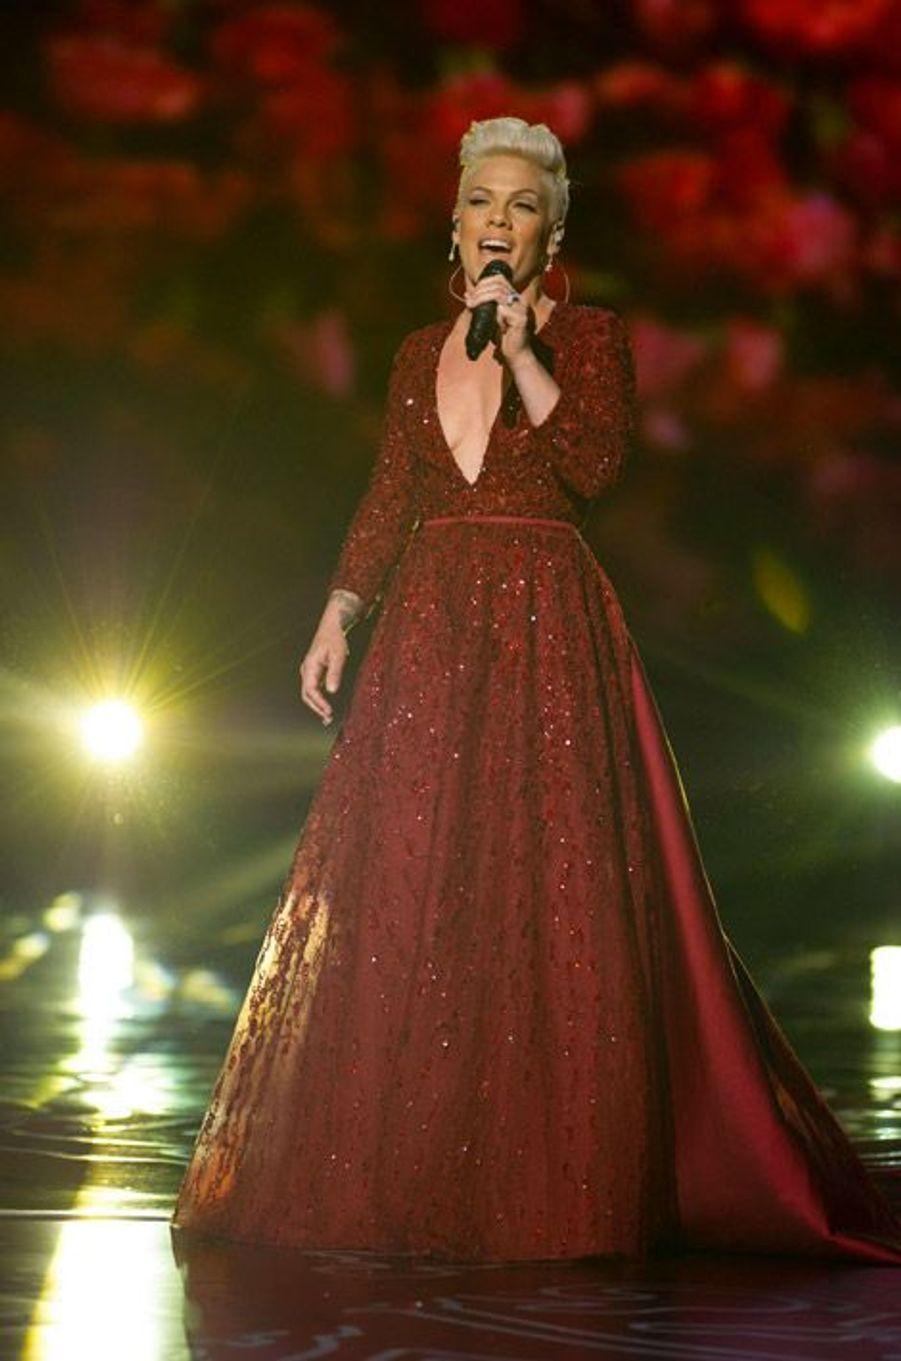 La chanteuse Pink en Elie Saab sur scène lors de la cérémonie des Oscars, le 2 mars 2014